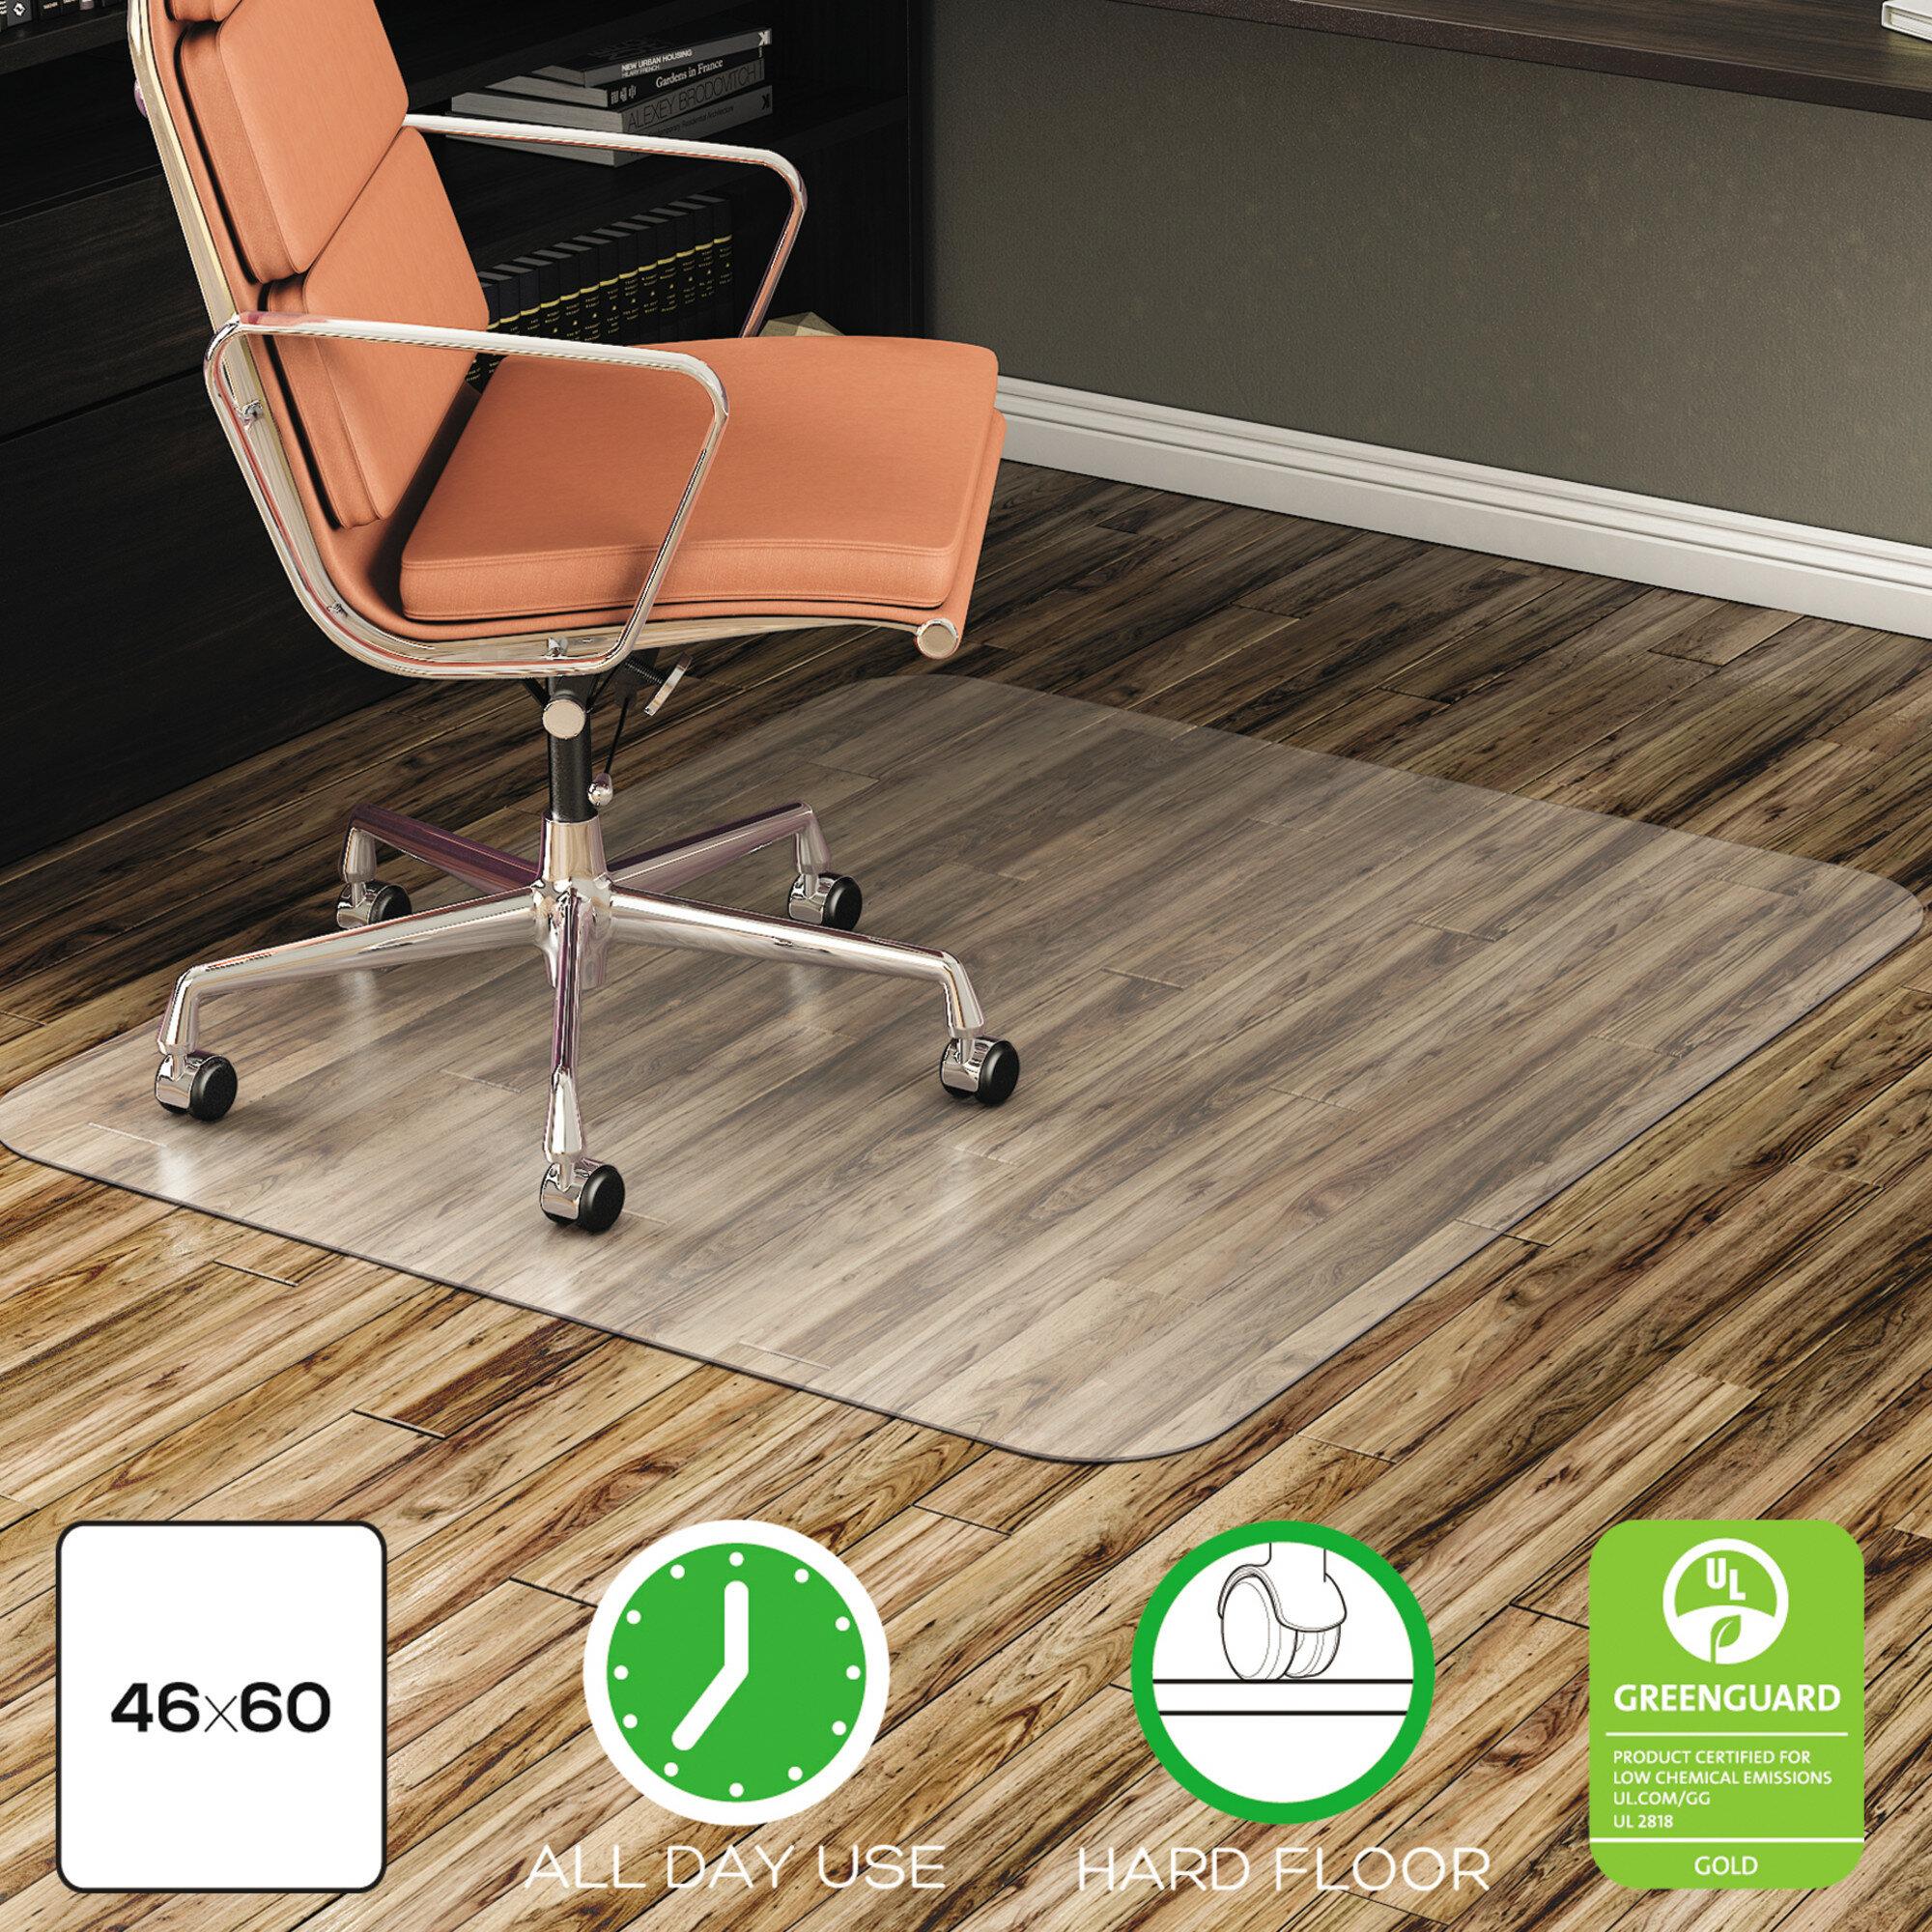 48 X 60 Clear Chair Mat For Hard Floors